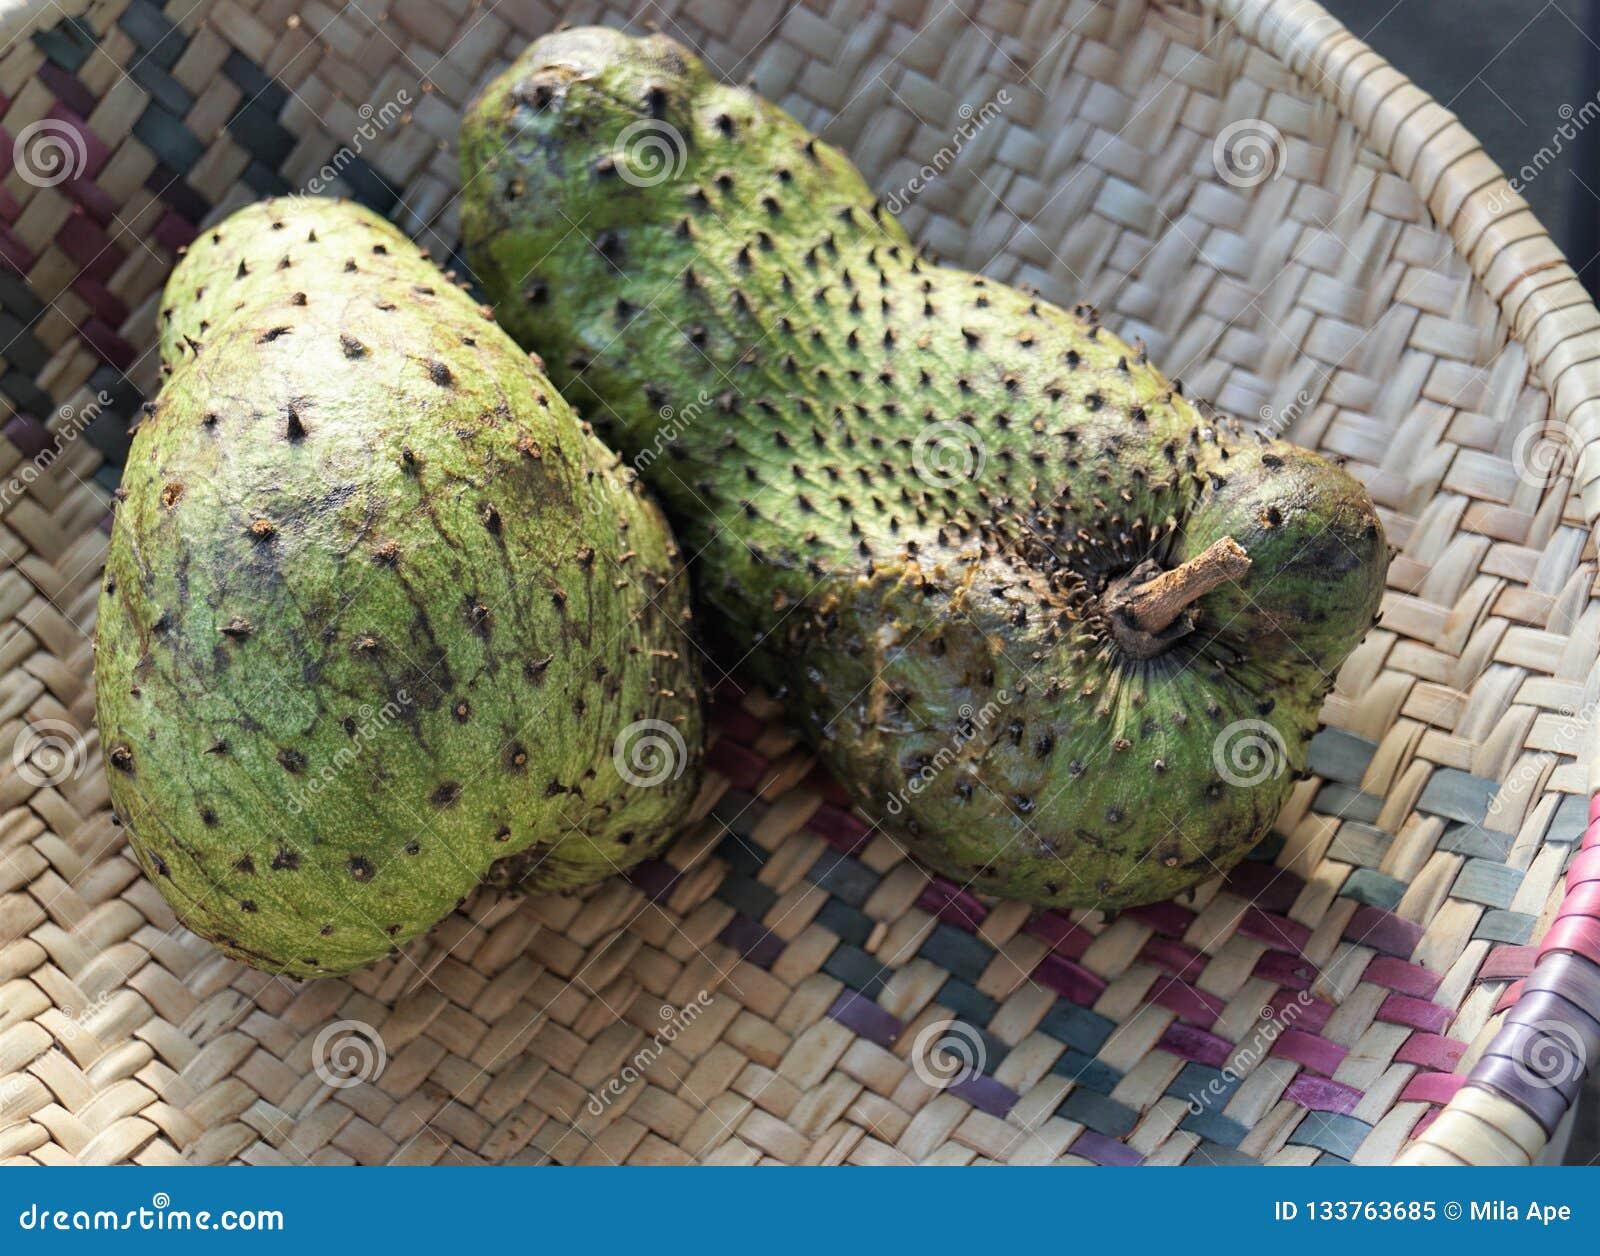 Exotische vruchten in Afrika